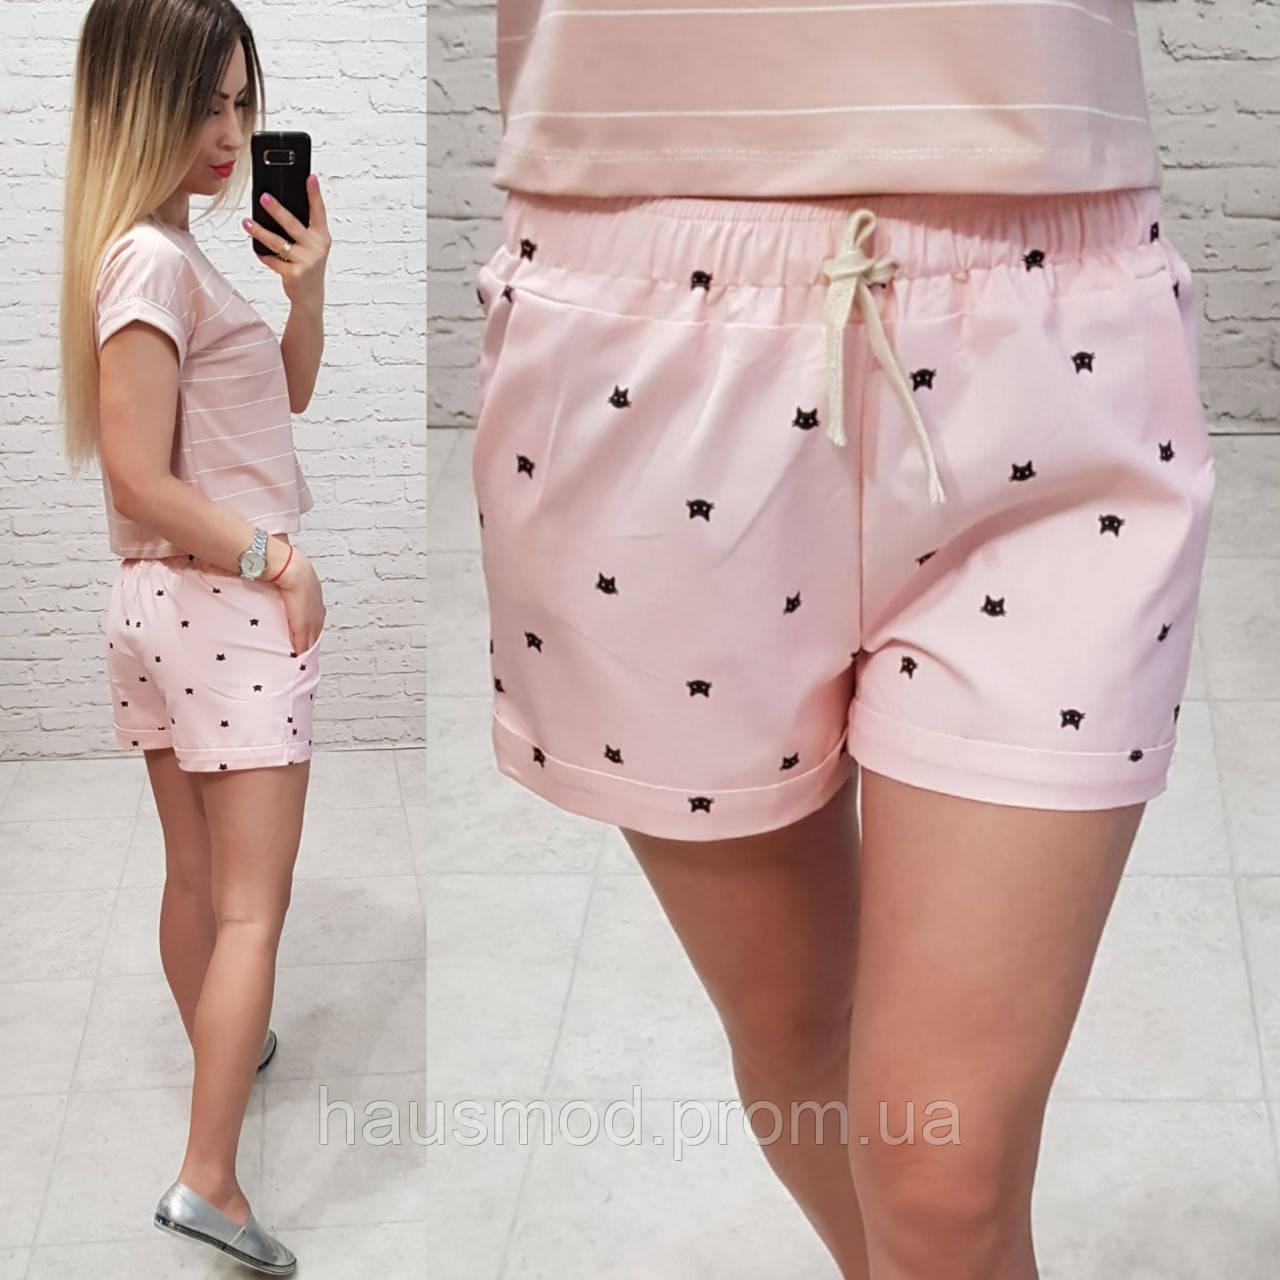 Женские шорты короткие узор котики ткань катон Турция размер Универсал 42-46 рр. длина 30 см цвет розовый, фото 1